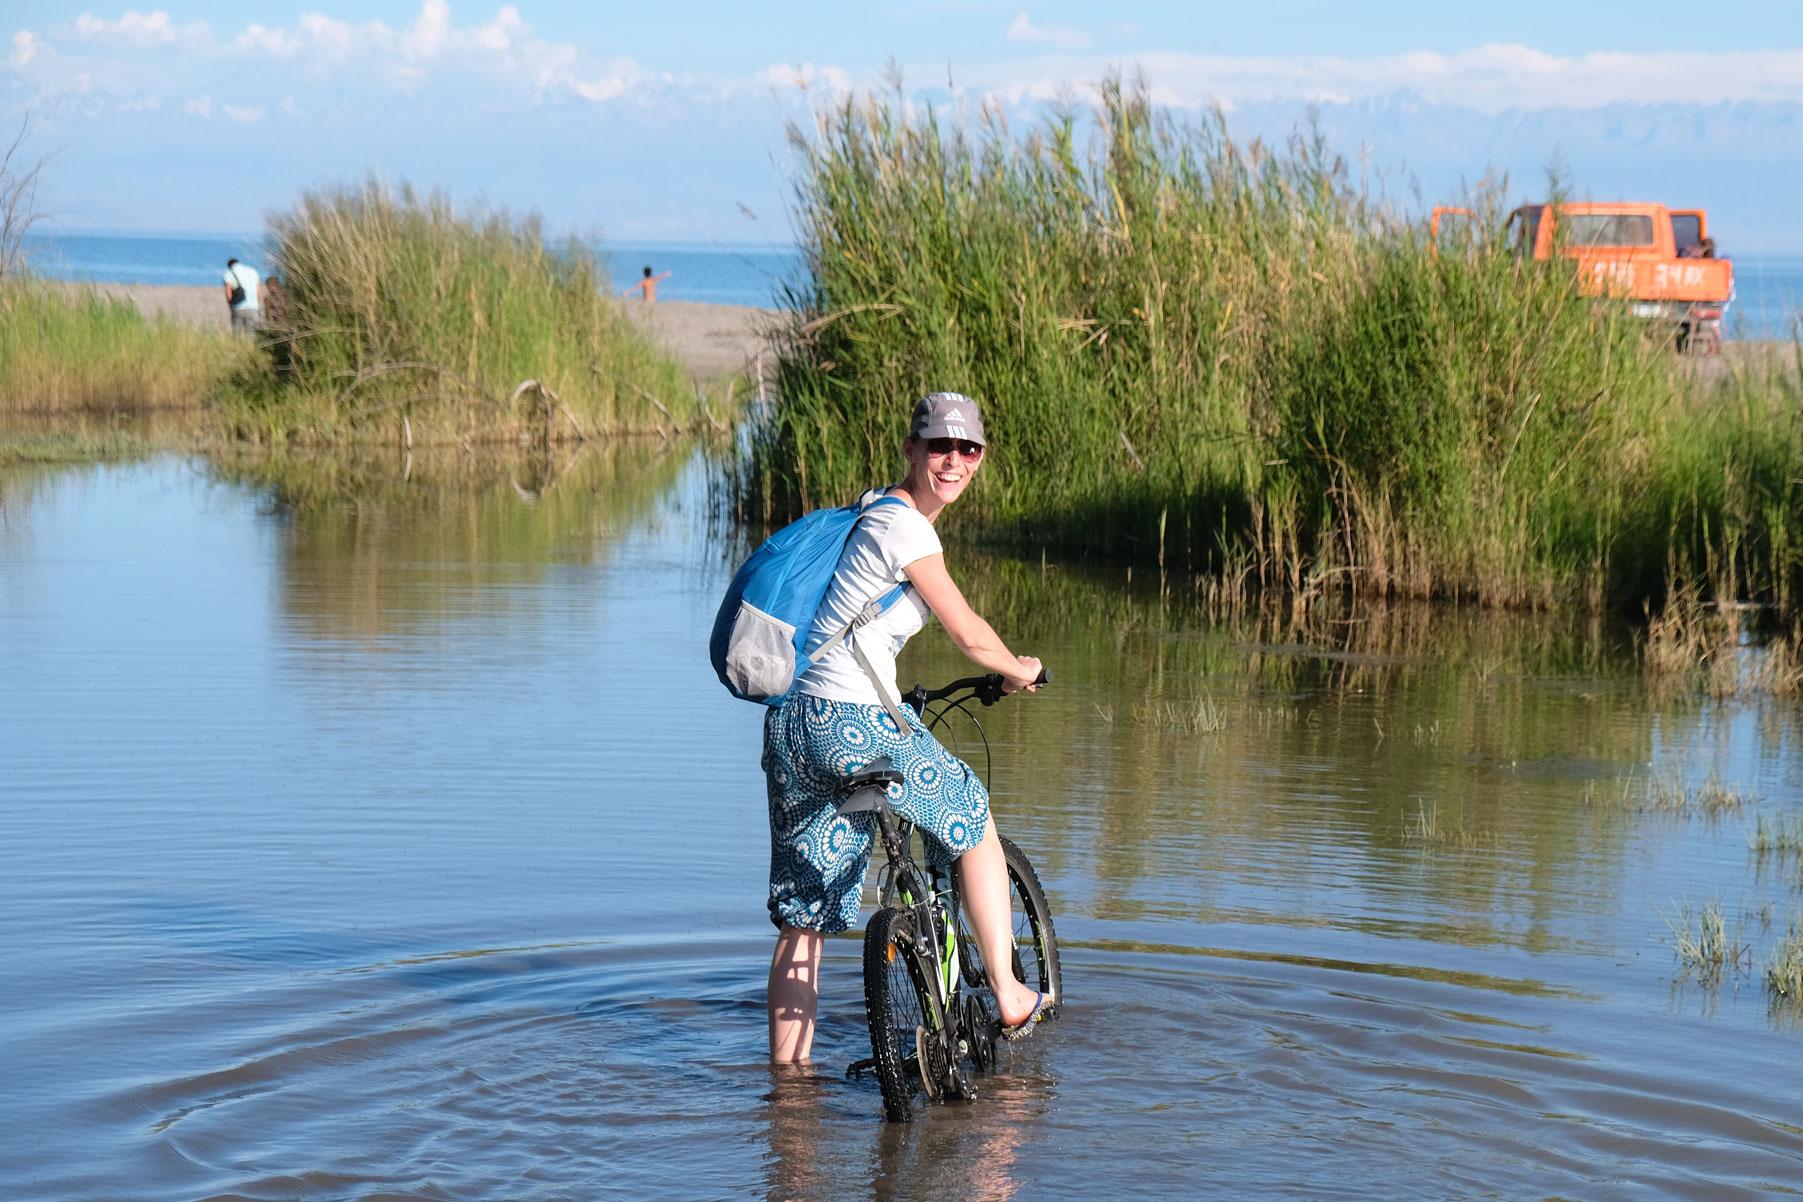 Leo steht mit einem Fahrrad im Wasser.